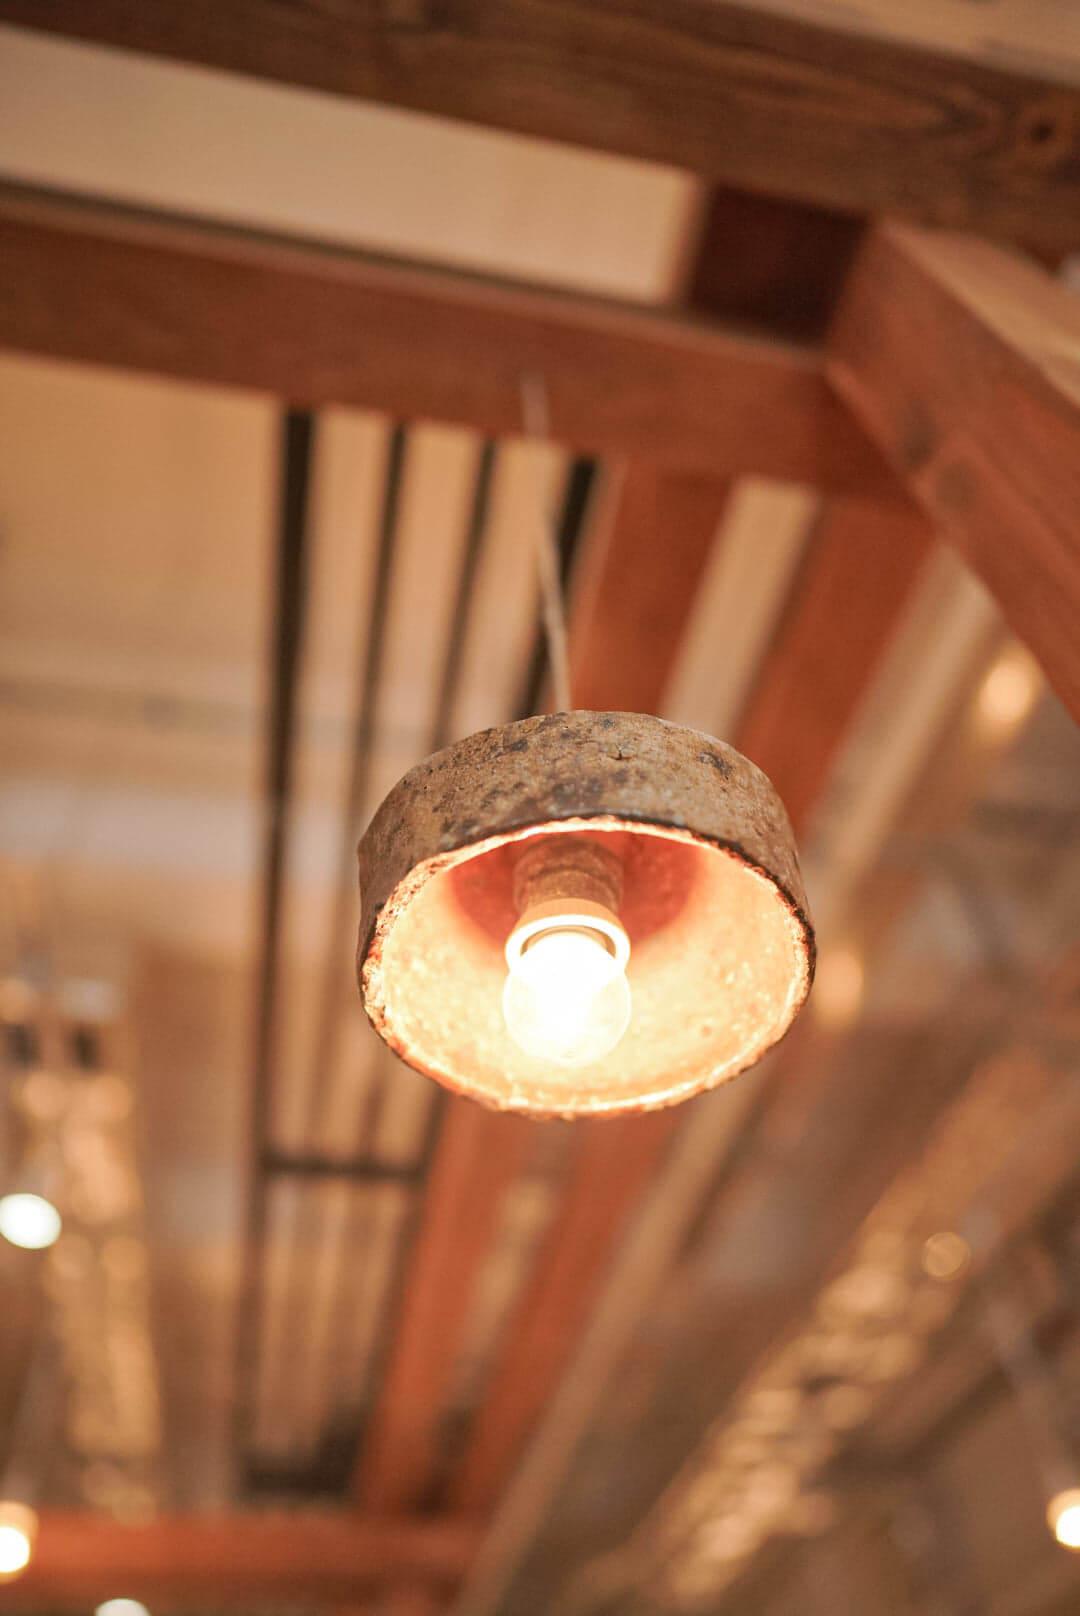 台灣古燈器「陰翳yīn yì燈器系列」中嘅「古窯器燈器」。